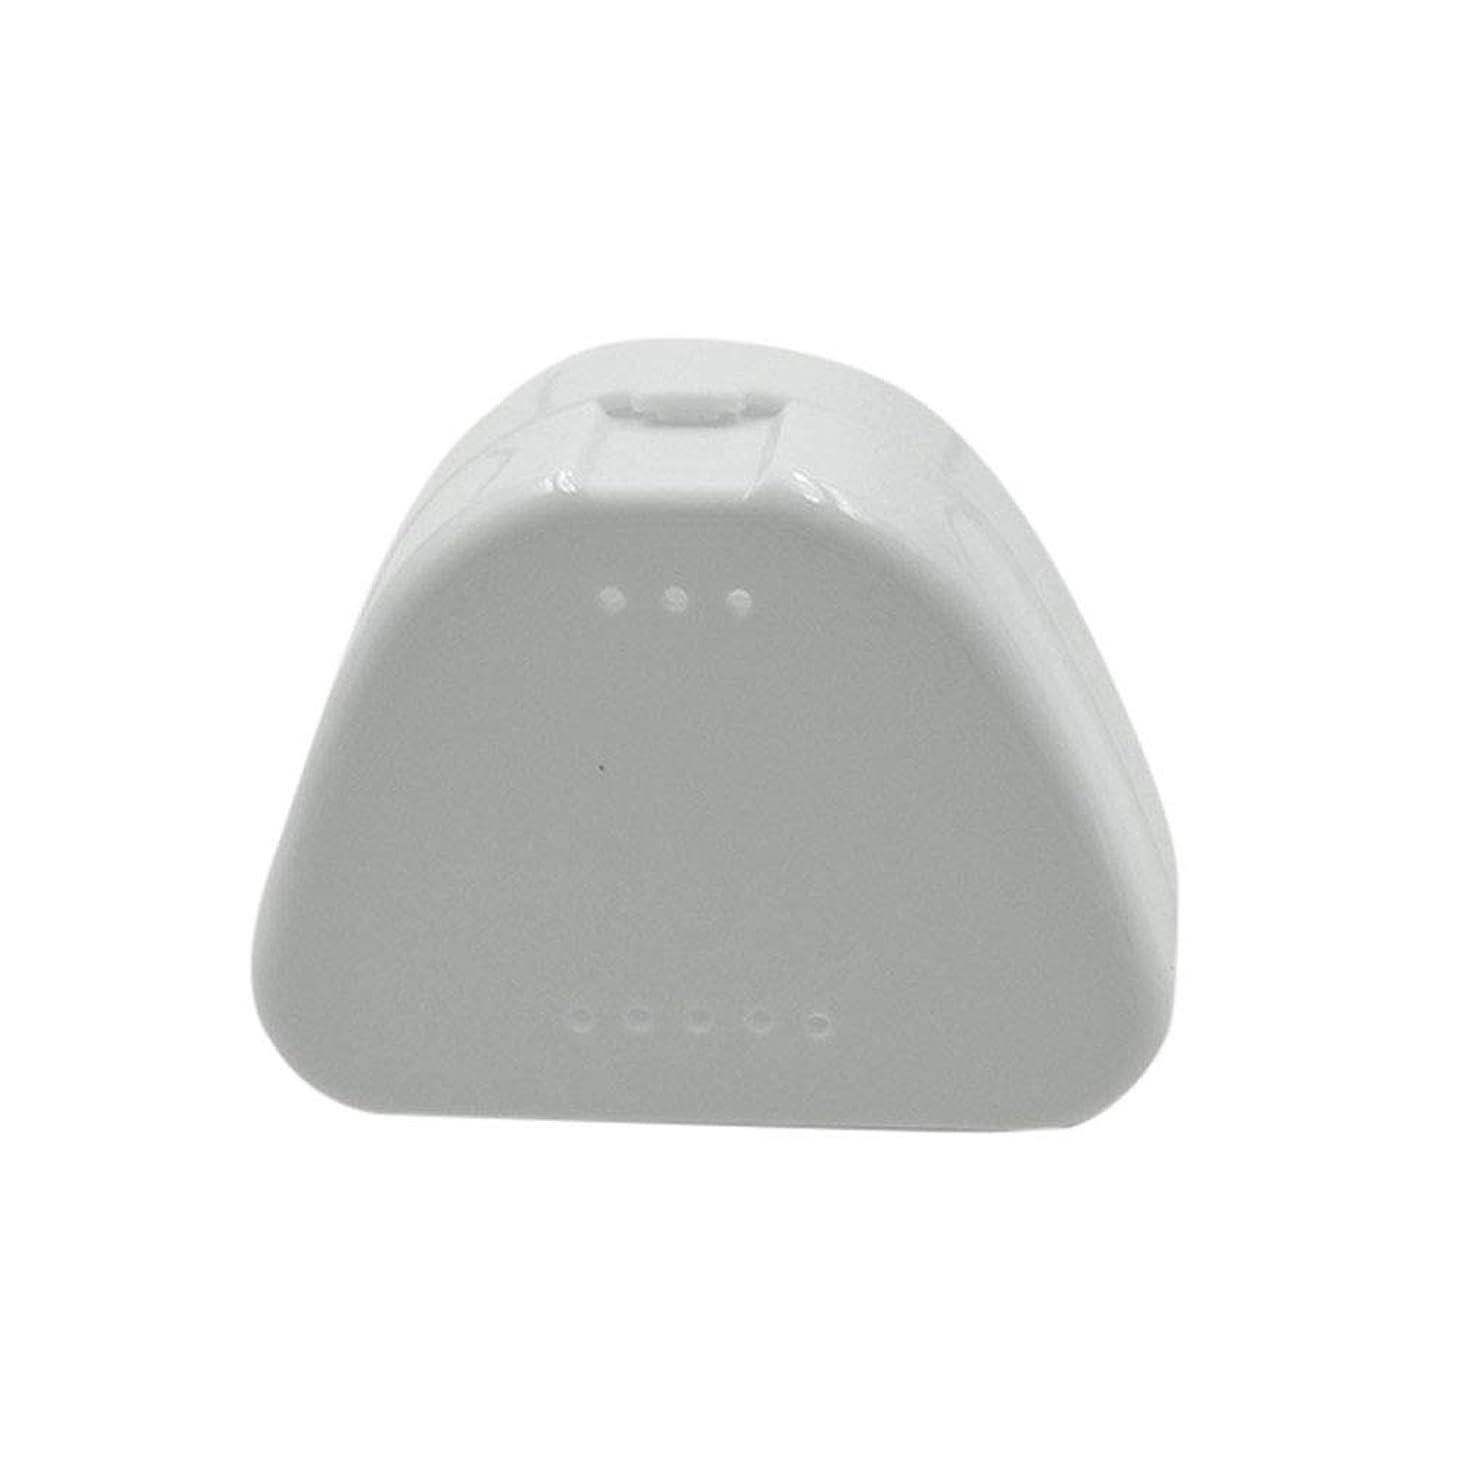 いろいろ療法逃れるHealifty 4本の歯科用ケース歯科矯正リテーナボックス義歯収納容器付き通気孔